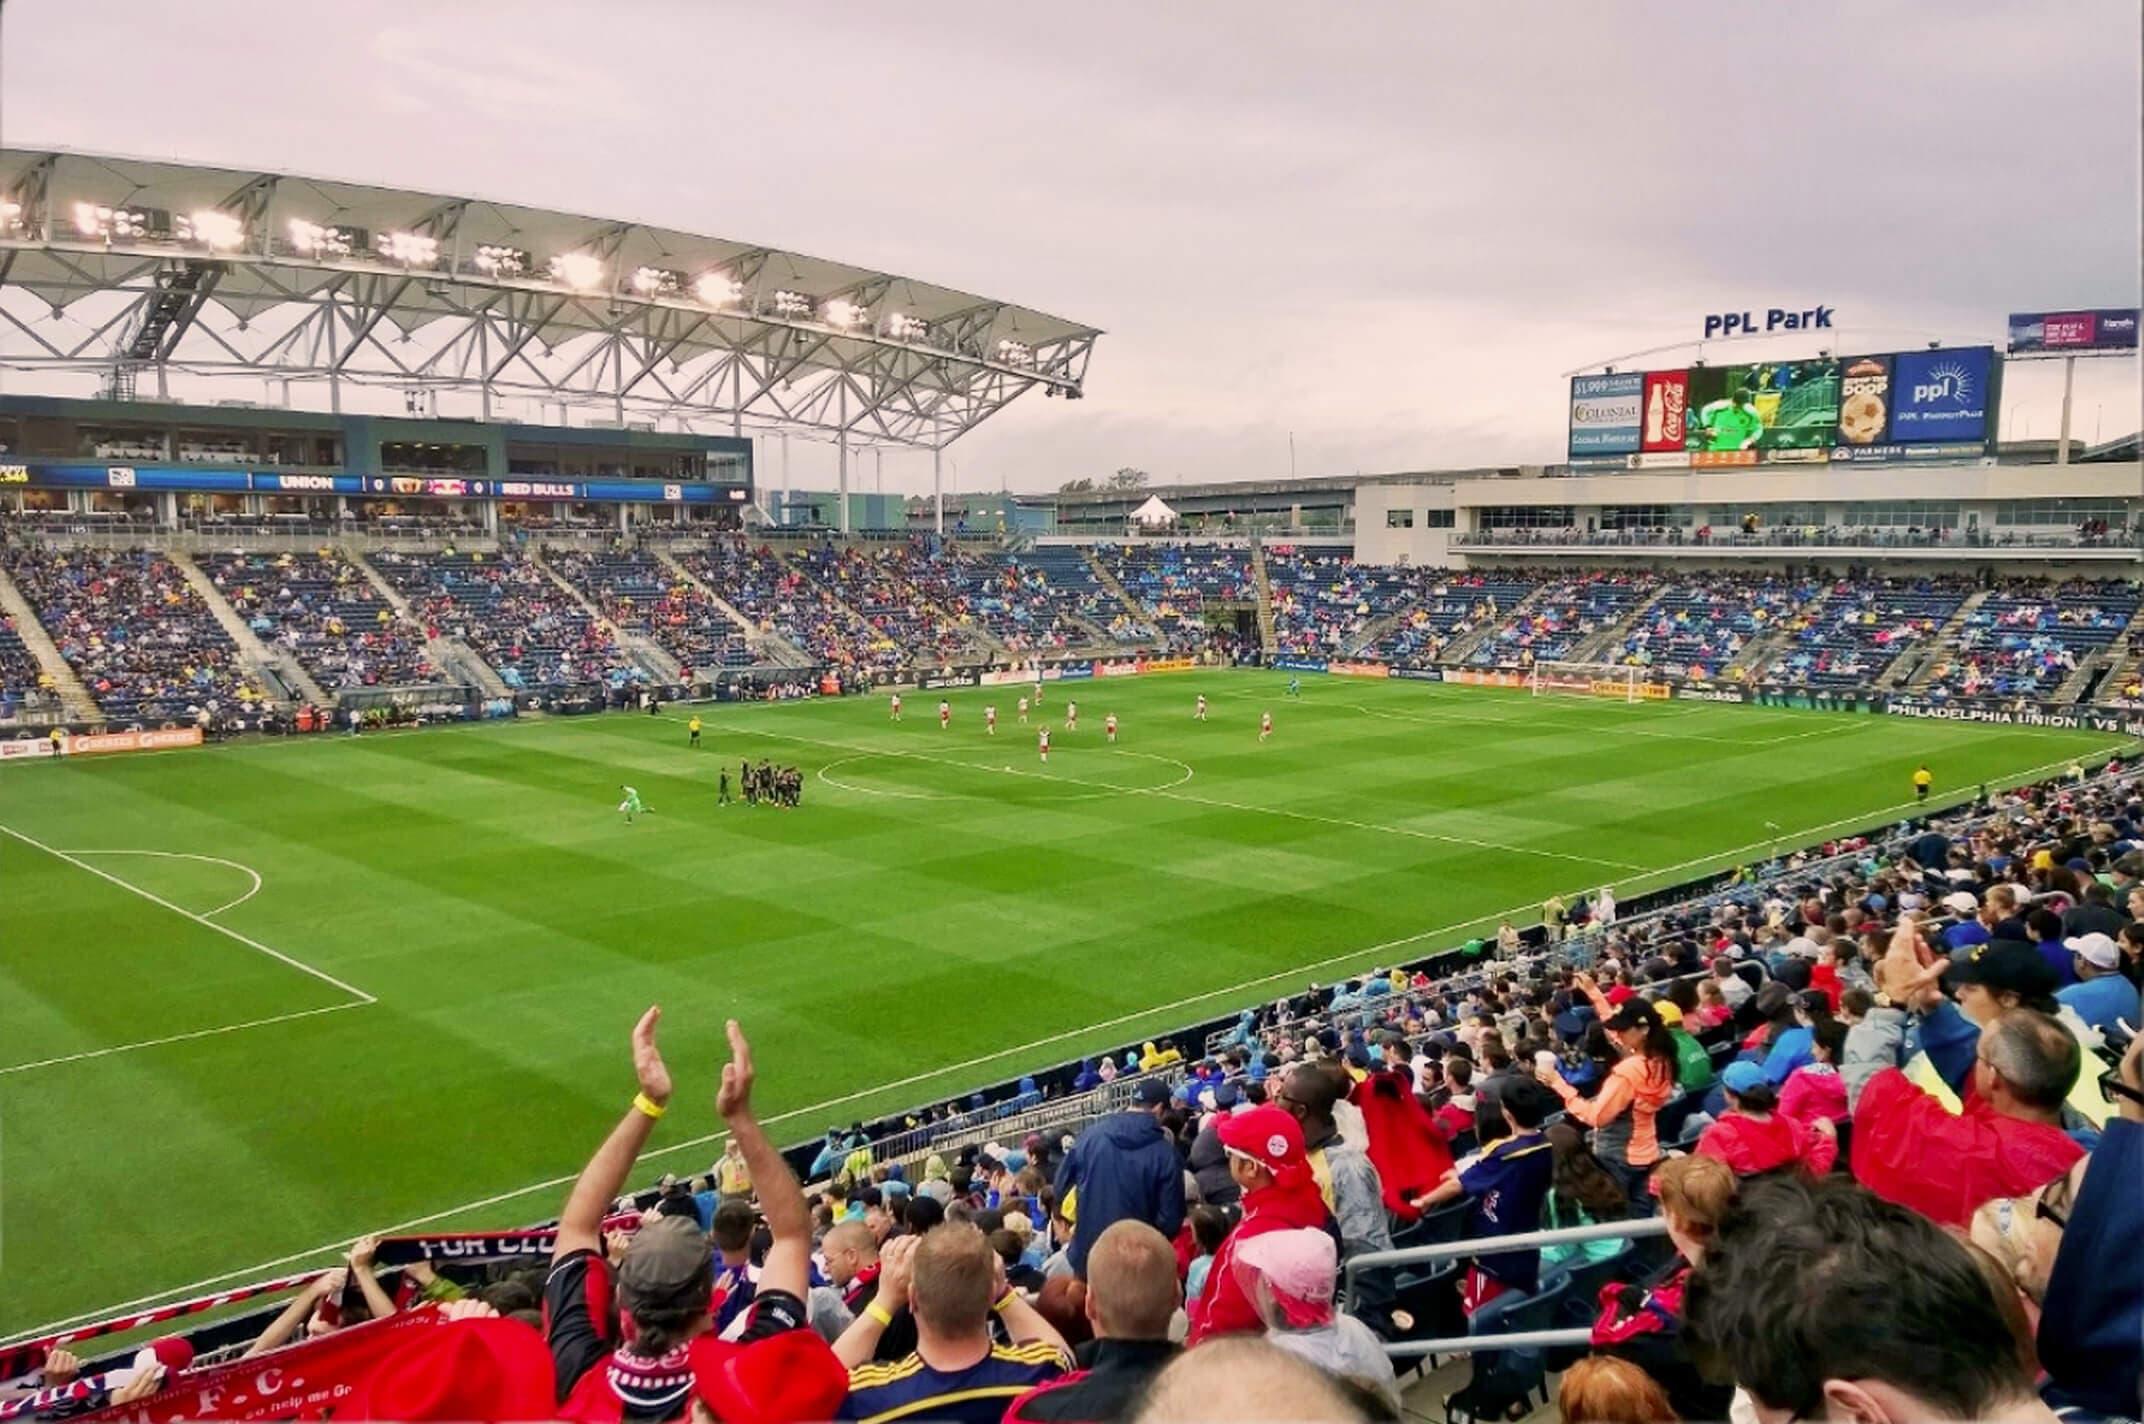 Нью-Йорк - Филадельфия. Футбол. Чемпионат США. MLS. Прогноз на матч 17.09.17